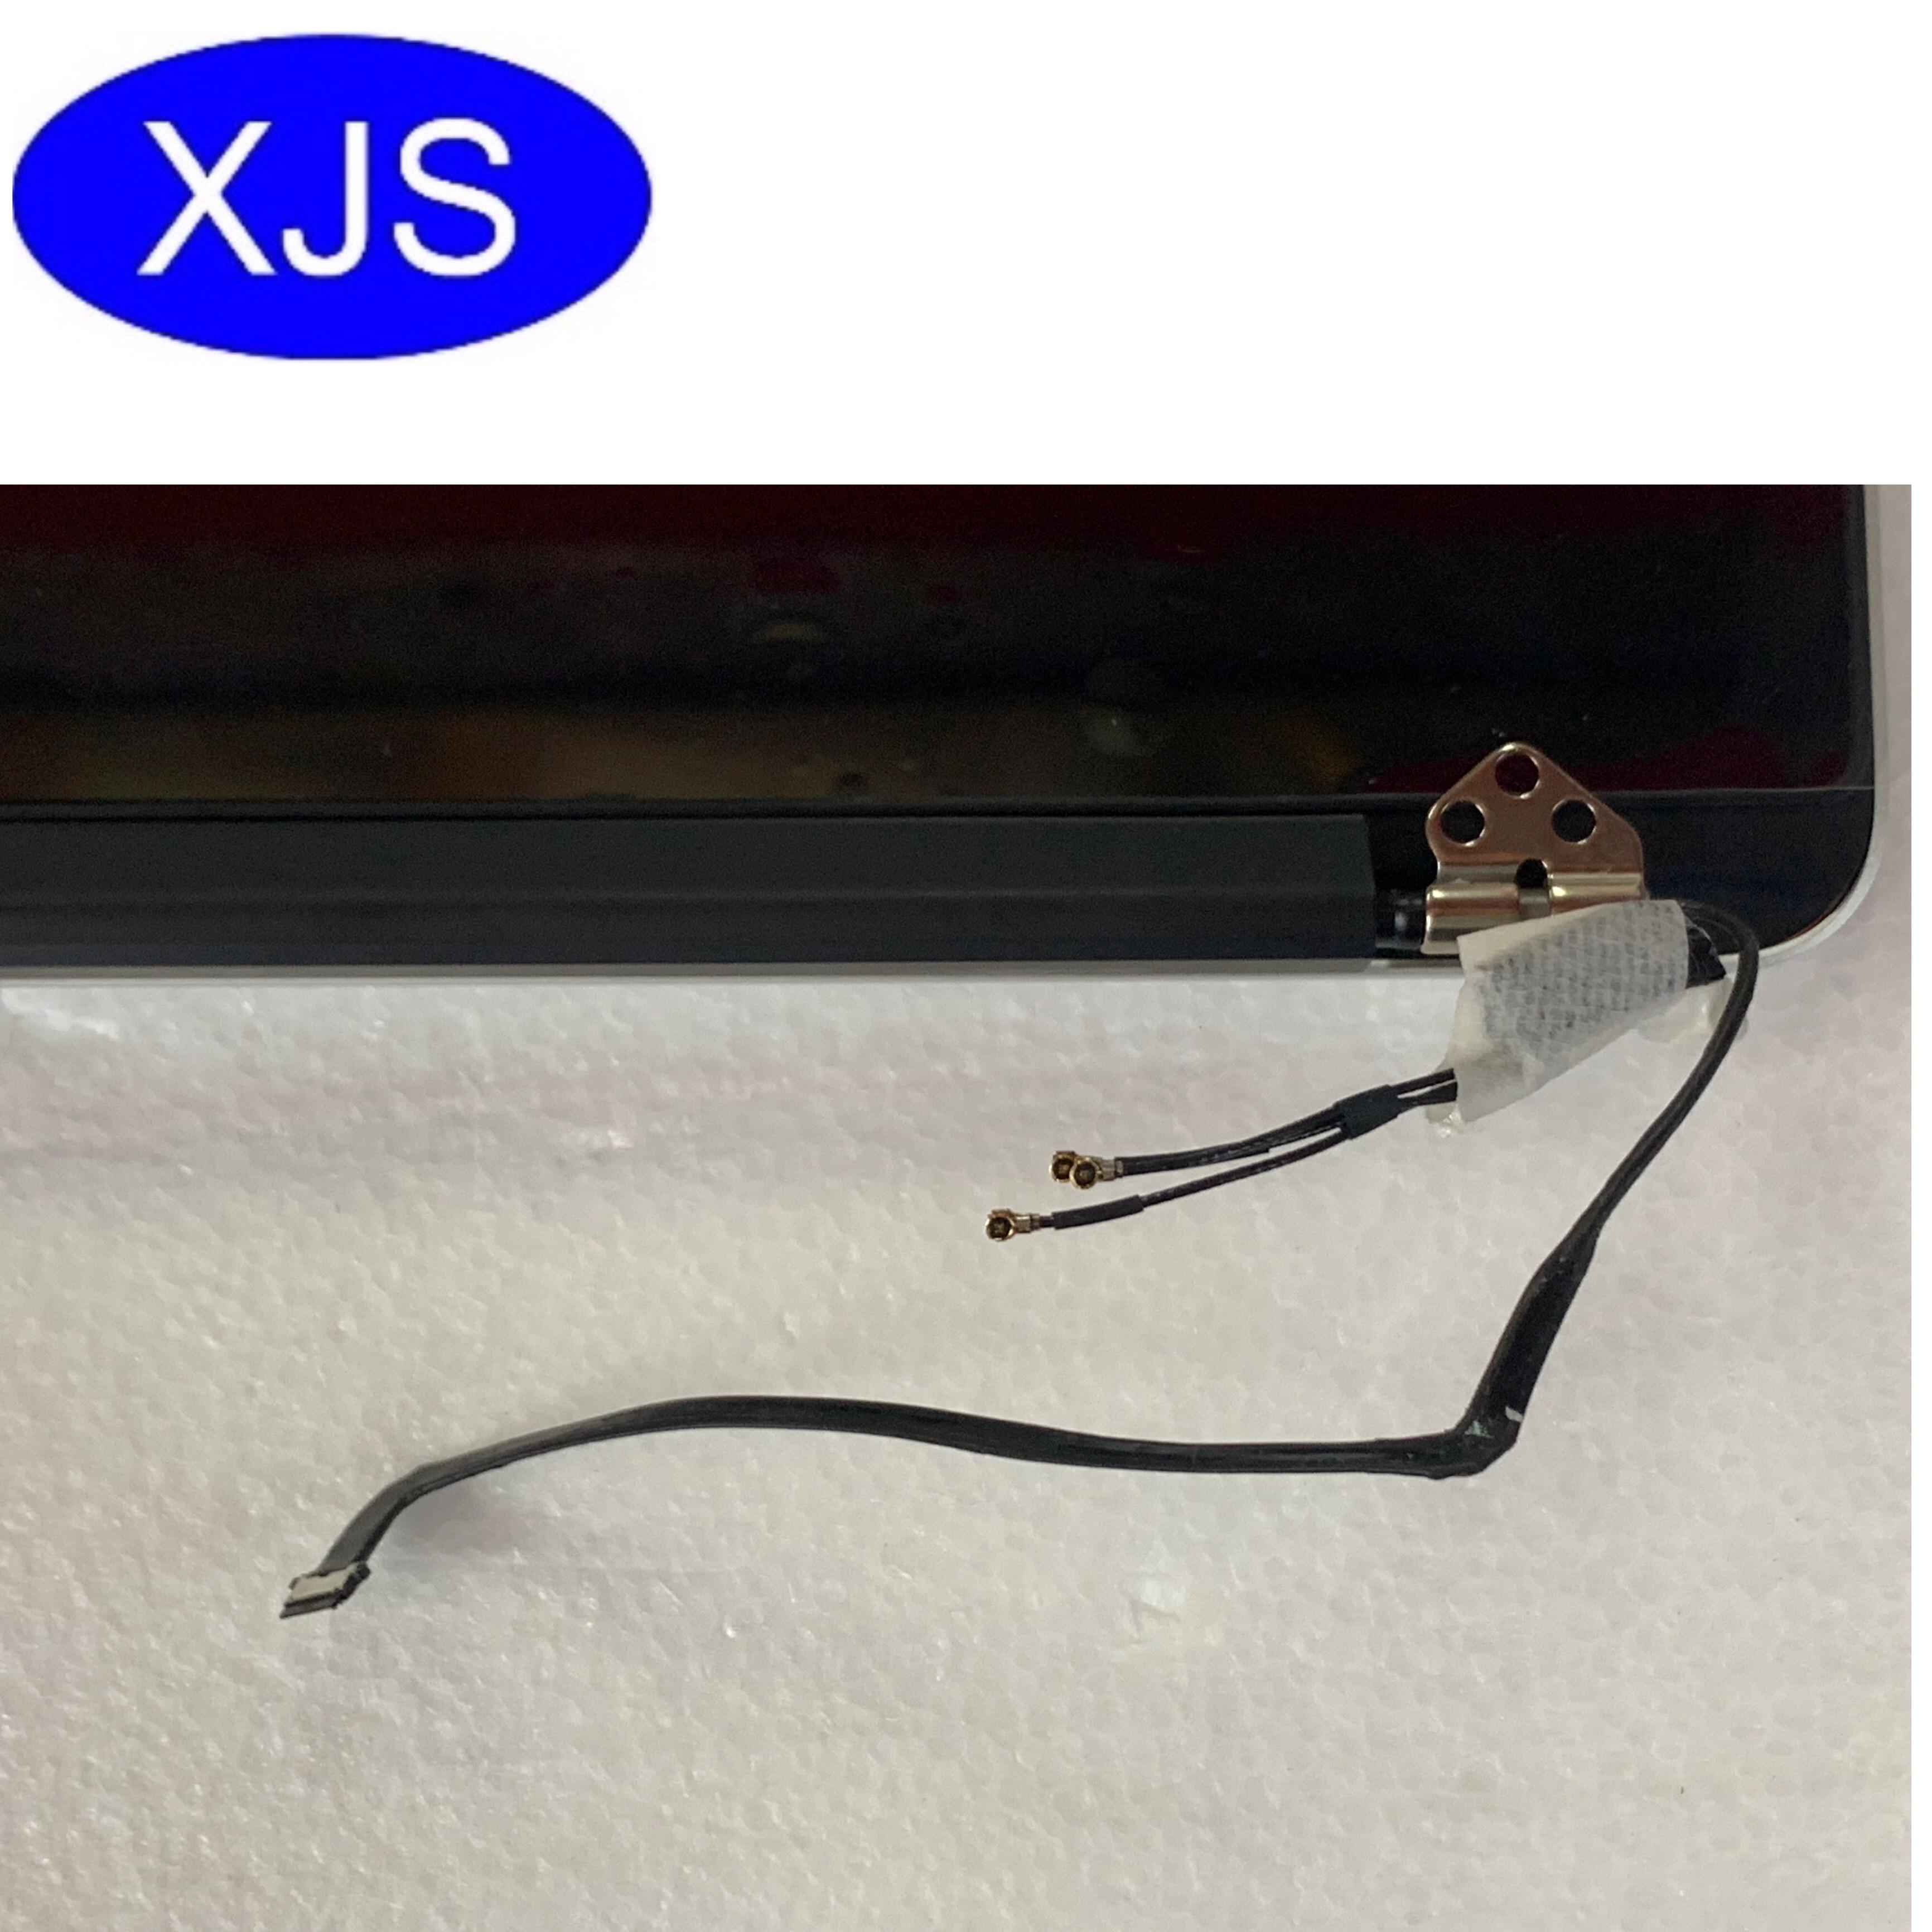 Para Macbook Pro A1398 15 Original Nuevo LCD asamblea de pantalla a finales de 2013 a mediados de 2014 año 661-8310